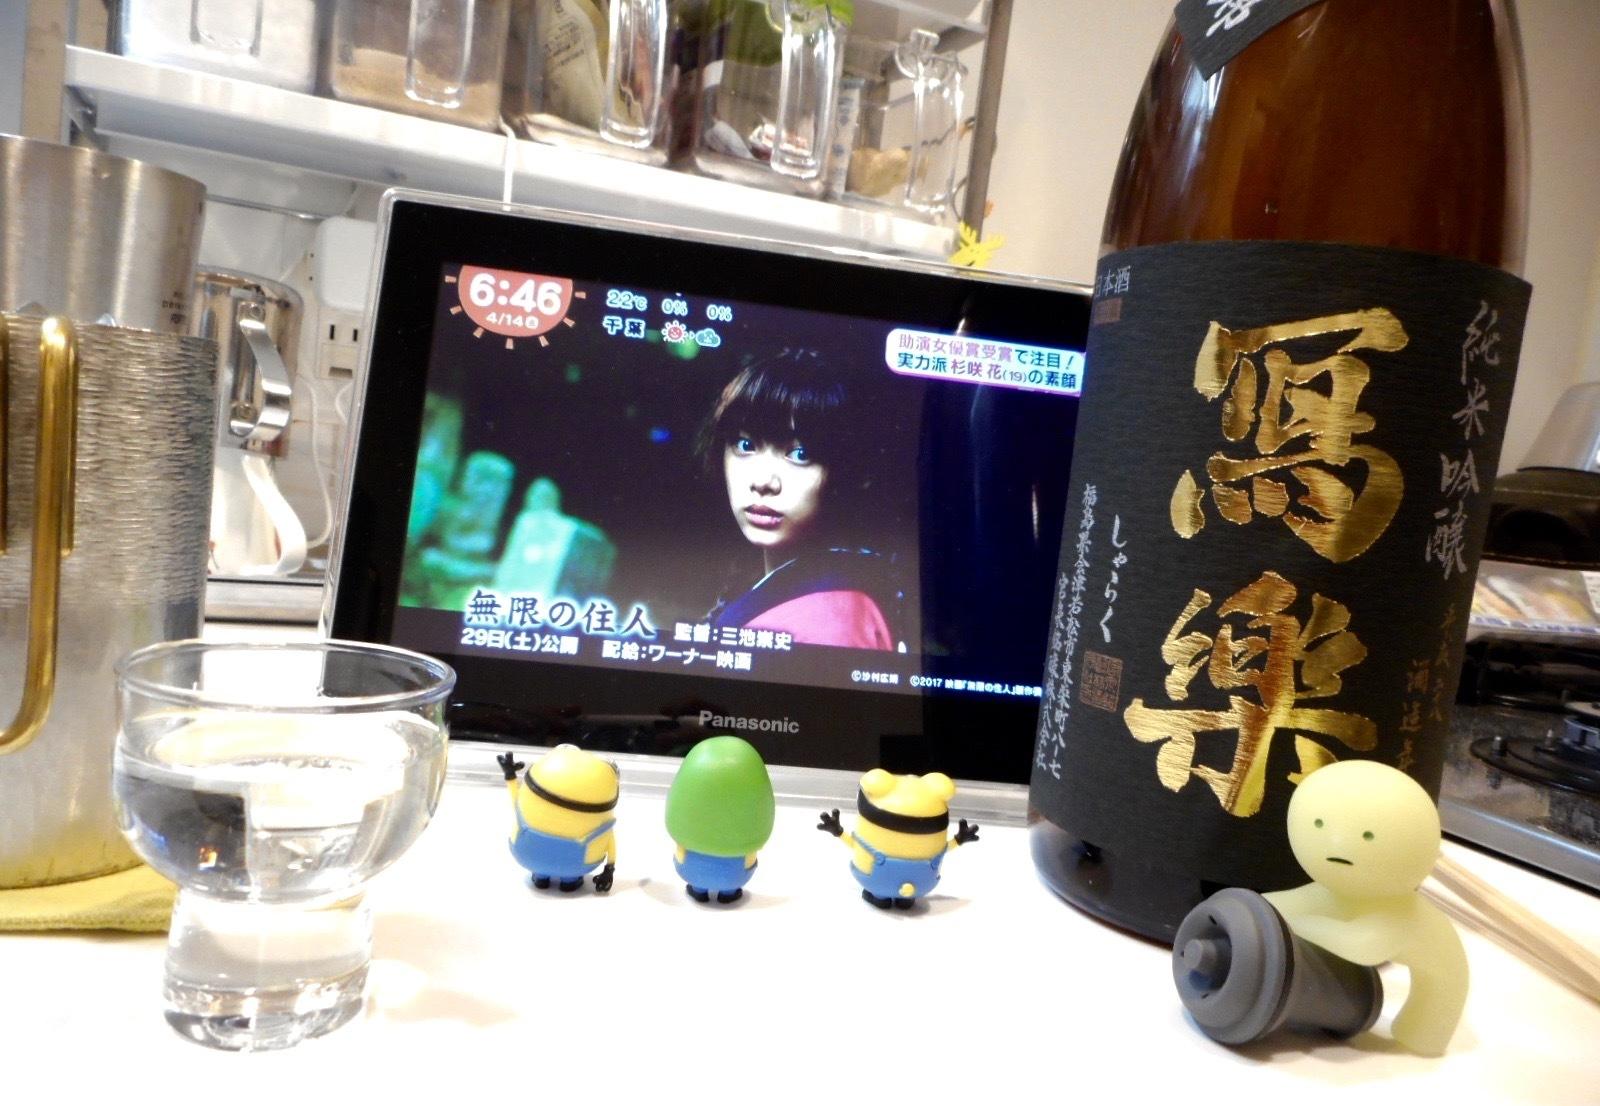 sharaku_yamada50nama28by14.jpg